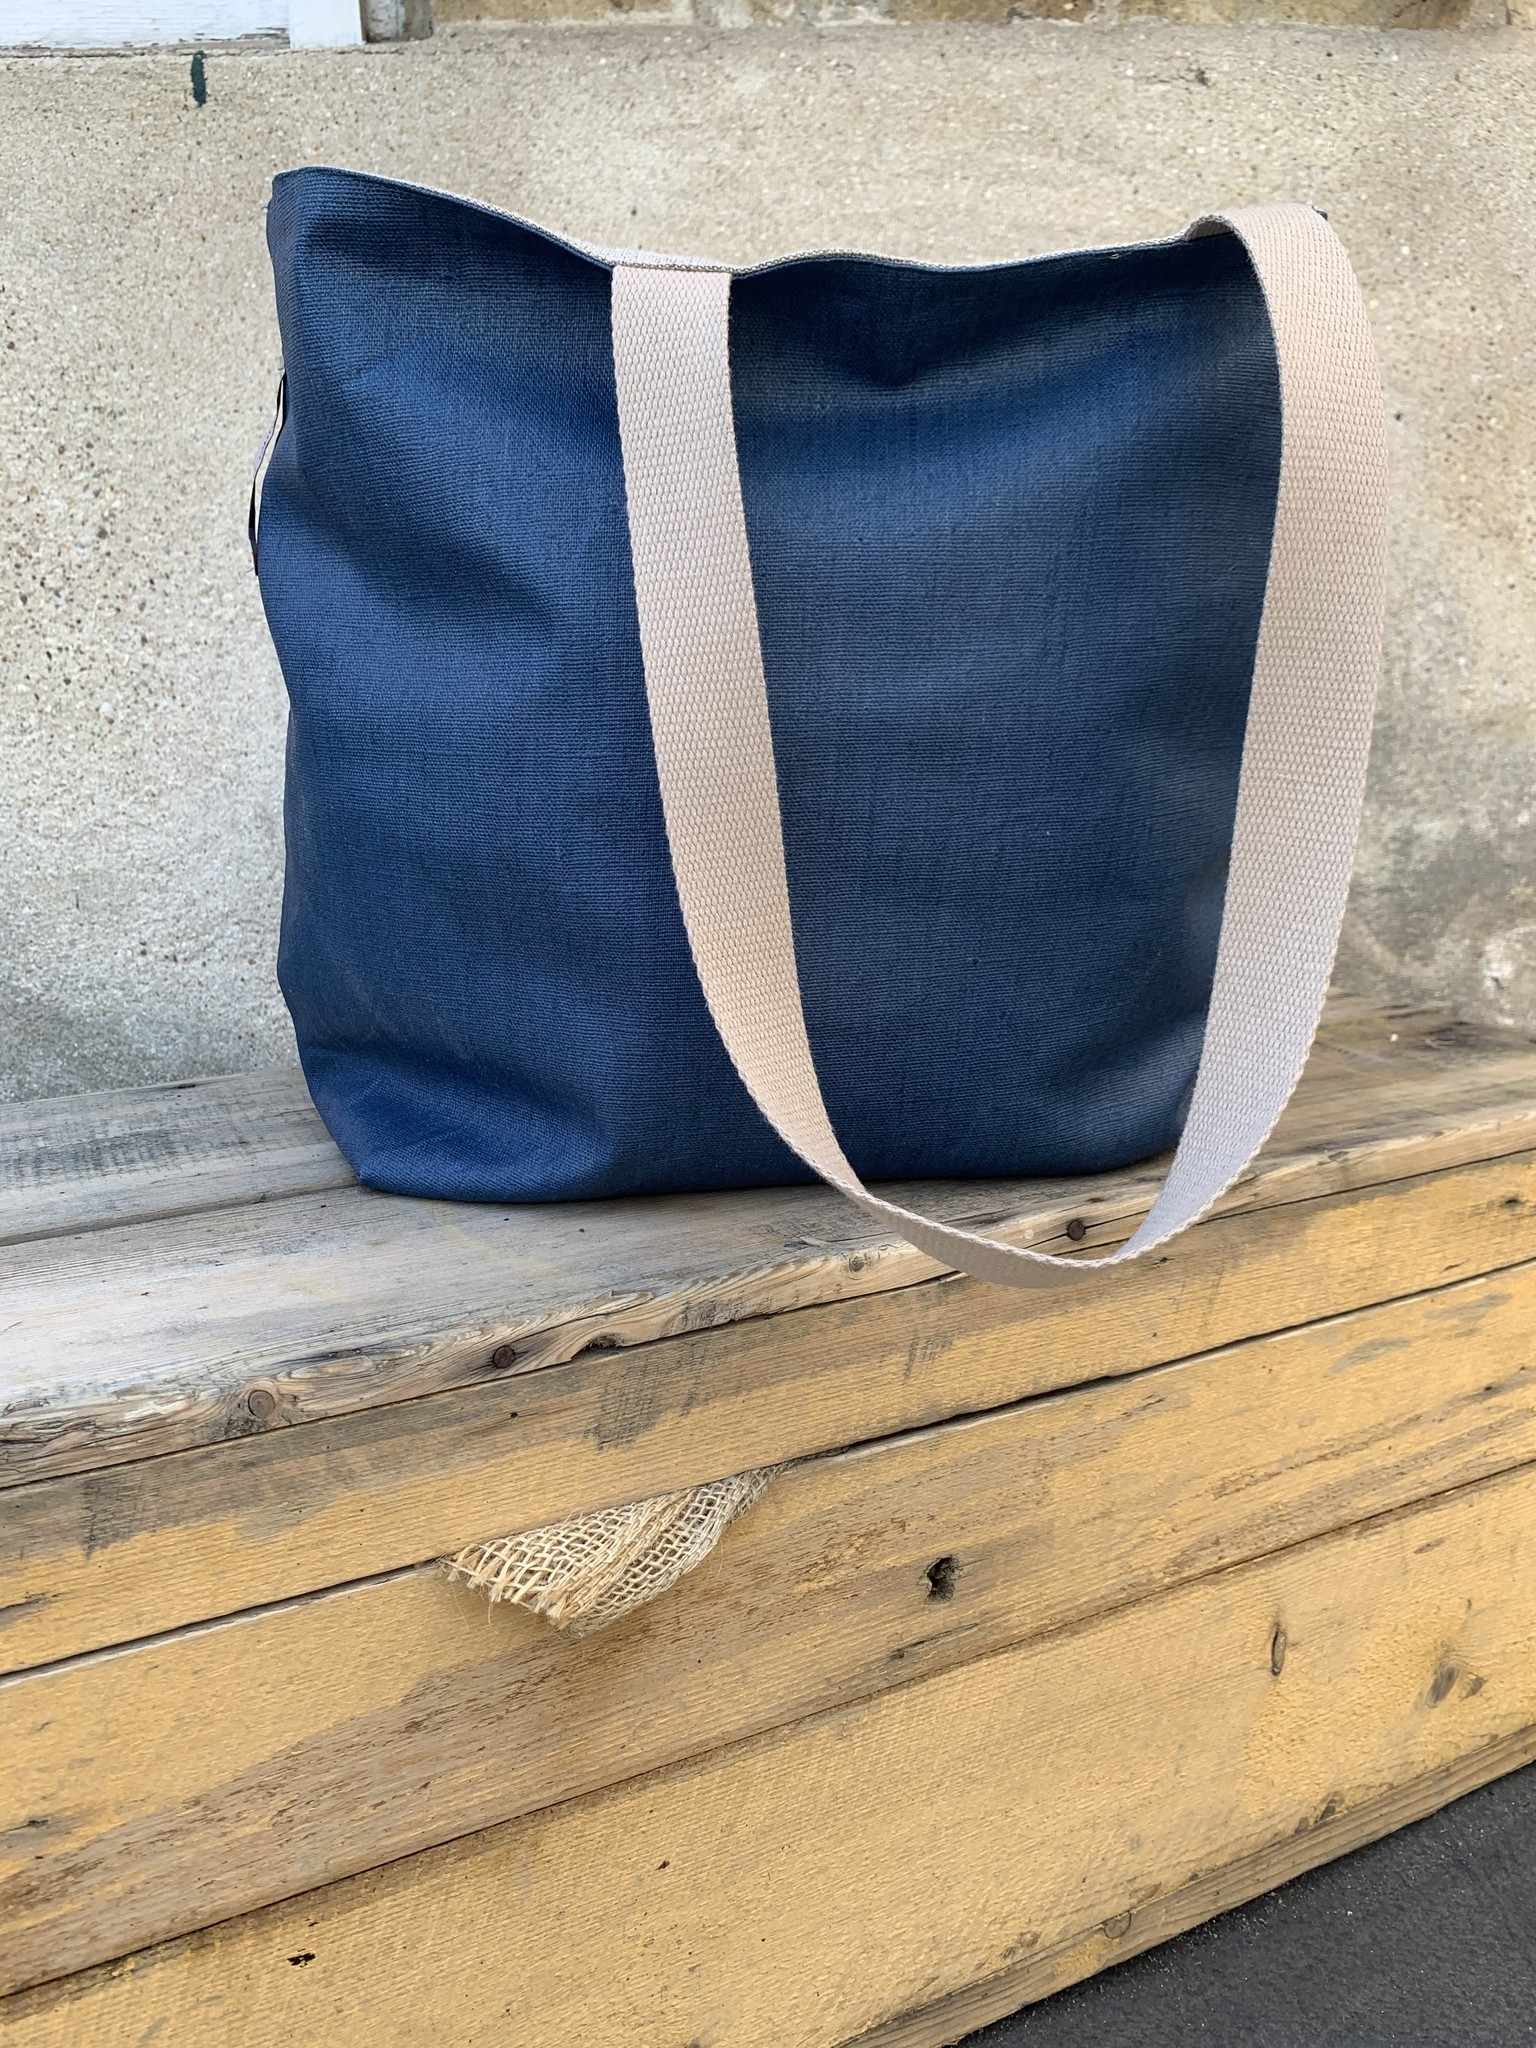 Le grenier du lin Marine blauw gecoate canvas draagtas